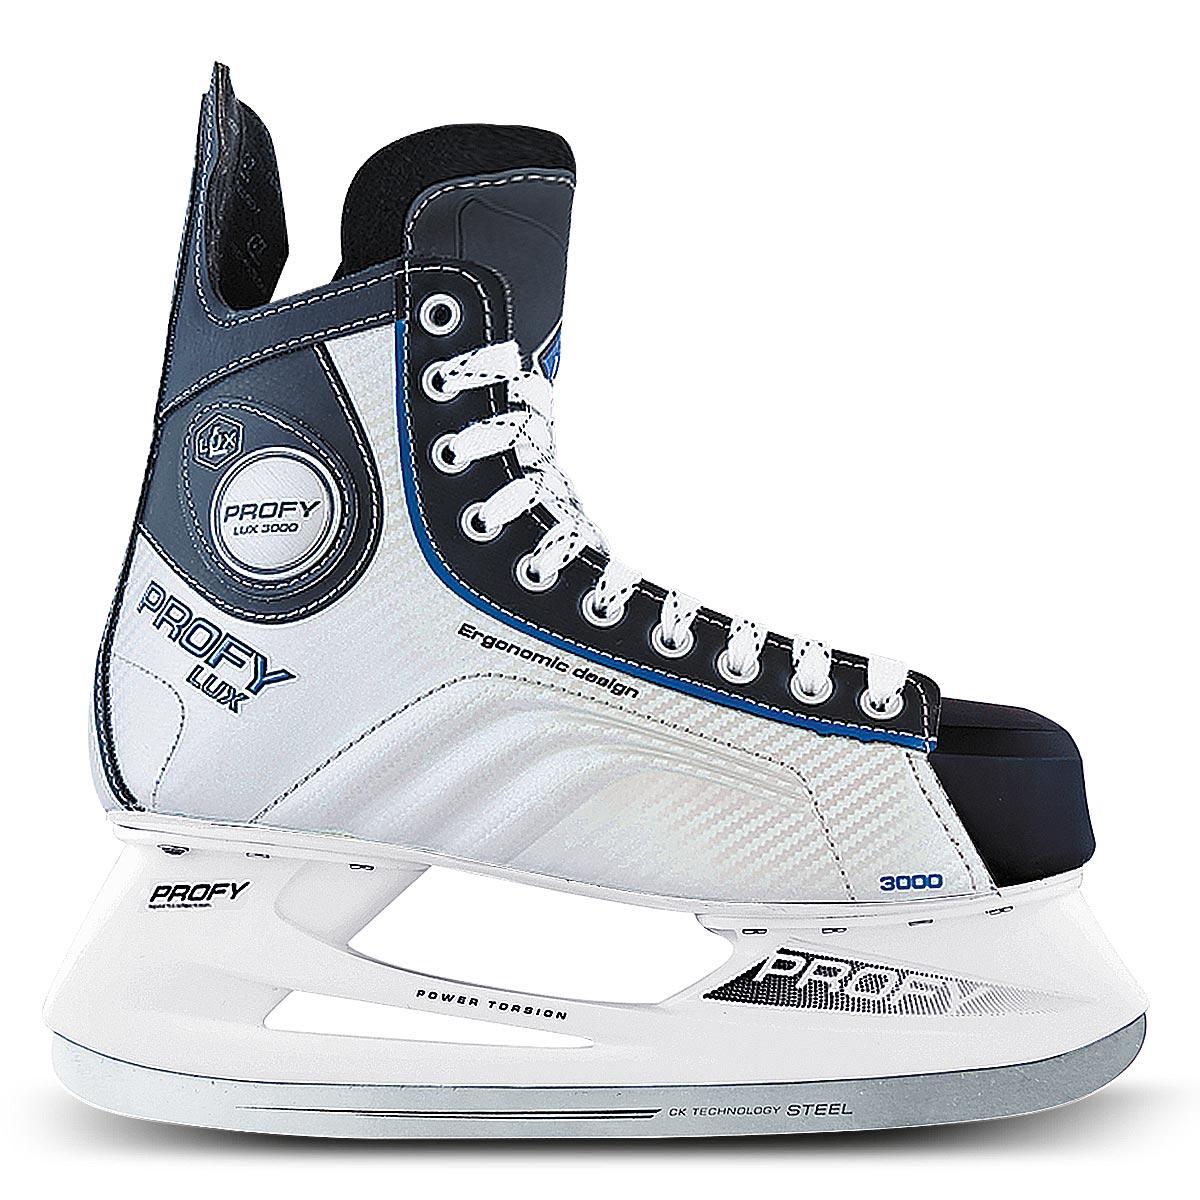 Коньки хоккейные мужские СК Profy Lux 3000, цвет: черный, серебряный, синий. Размер 37Atemi Force 3.0 2012 Black-GrayКоньки хоккейные мужские СК Profy Lux 3000 прекрасно подойдут для профессиональных игроков в хоккей. Ботинок выполнен из морозоустойчивой искусственной кожи и специального резистентного ПВХ, а язычок - из двухслойного войлока и искусственной кожи. Слоевая композитная технология позволила изготовить ботинок, полностью обволакивающий ногу. Это обеспечивает прочную и удобную фиксацию ноги, повышает защиту от ударов. Ботинок изготовлен с учетом антропометрии стоп россиян, что обеспечивает комфорт и устойчивость ноги, правильное распределение нагрузки, сильно снижает травмоопасность. Конструкция носка ботинка, изготовленного из ударопрочного энергопоглощающего термопластичного полиуретана Hytrel® (DuPont), обеспечивает увеличенную надежность защиты передней части ступни от ударов. Усиленные боковины ботинка из формованного PVC укрепляют боковую часть ботинка и дополнительно защищают ступню от ударов за счет поглощения энергии. Тип застежки ботинок – классическая шнуровка. Стелька из упругого пенного полимерного материала EVA гарантирует комфортное положение ноги в ботинке, обеспечивает быструю адаптацию ботинка к индивидуальным формам ноги, не теряет упругости при изменении температуры и не разрушается от воздействия пота и влаги. Легкая прочная низкопрофильная полимерная подошва инжекционного формования практически без потерь передает энергию от толчка ноги к лезвию – быстрее набор скорости, резче повороты и остановки, острее чувство льда. Лезвие из нержавеющей стали 420J обеспечит превосходное скольжение.